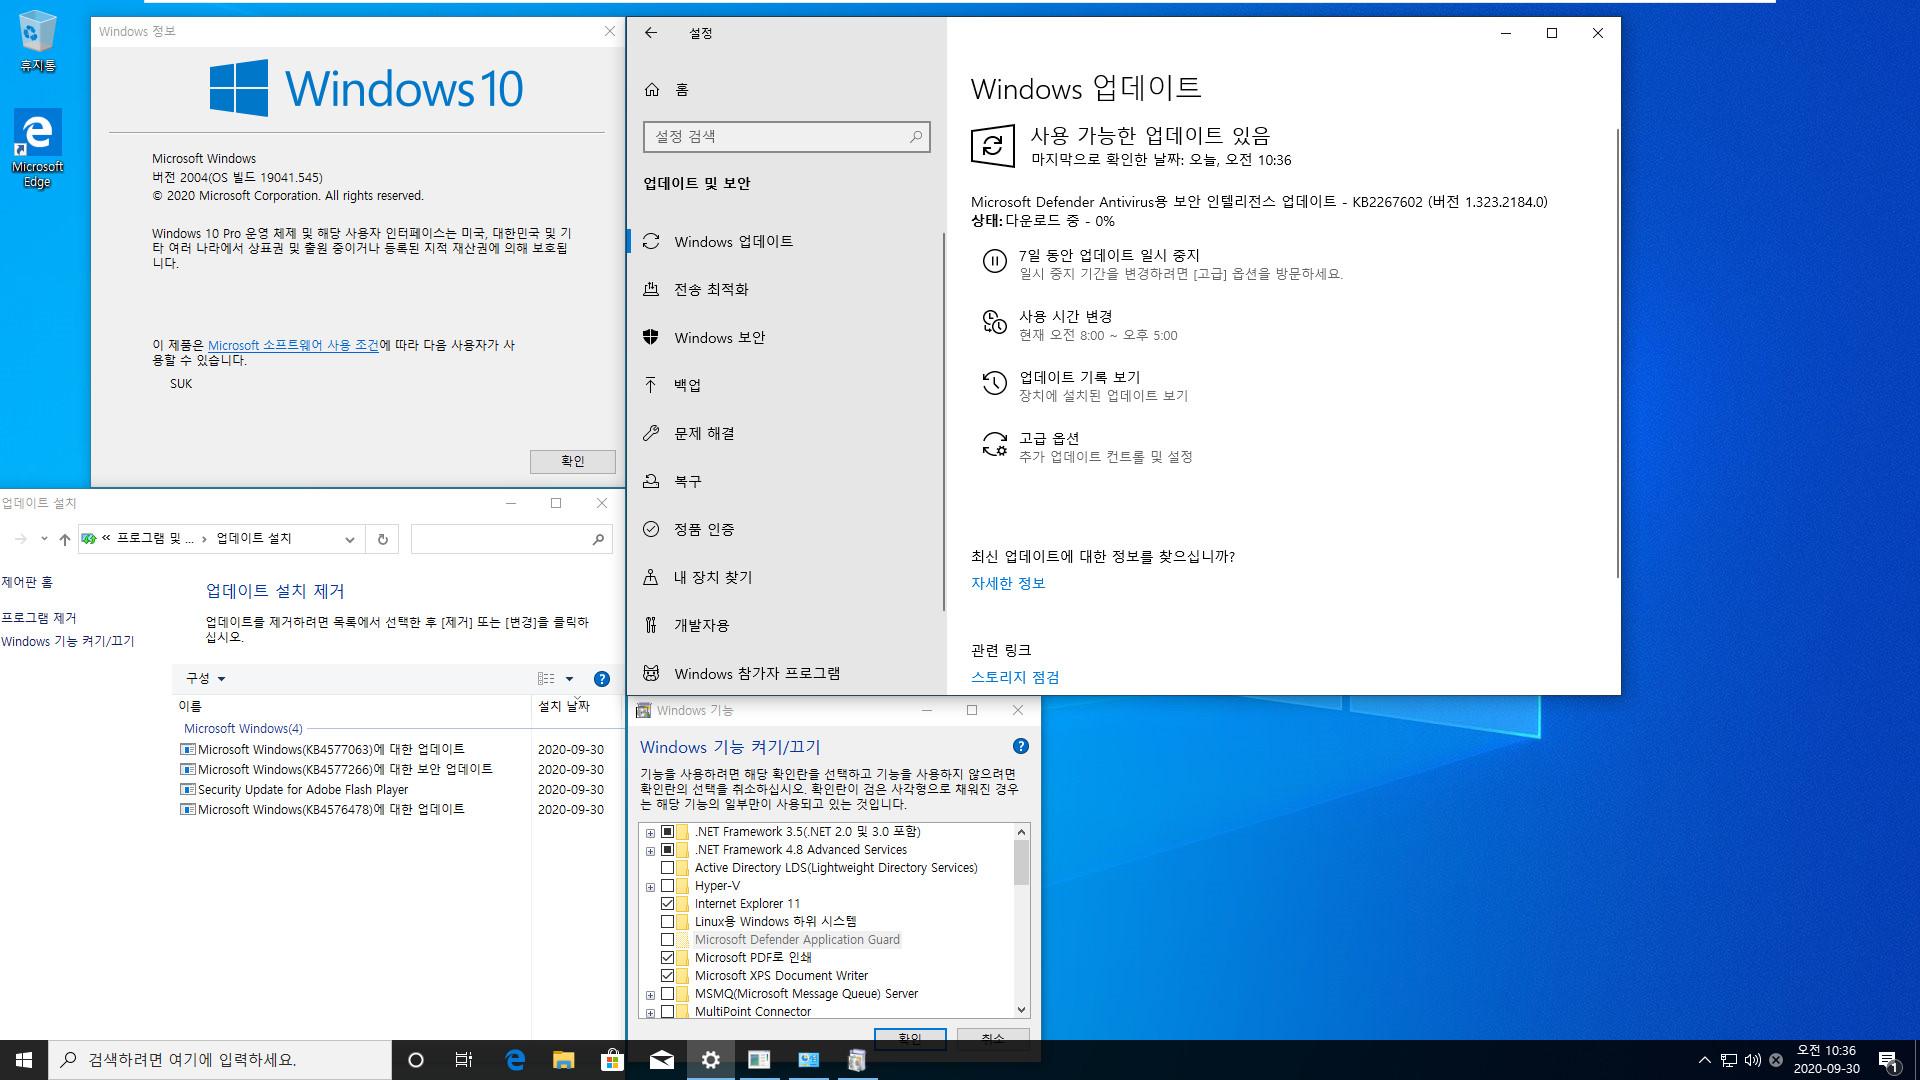 2020-09-30 업데이트 통합 PRO x64 2개 - Windows 10 버전 2004 + 버전 20H2 누적 업데이트 KB4577063 (OS 빌드 19041.545 + 19042.545) - 설치 테스트 2020-09-30_103625.jpg